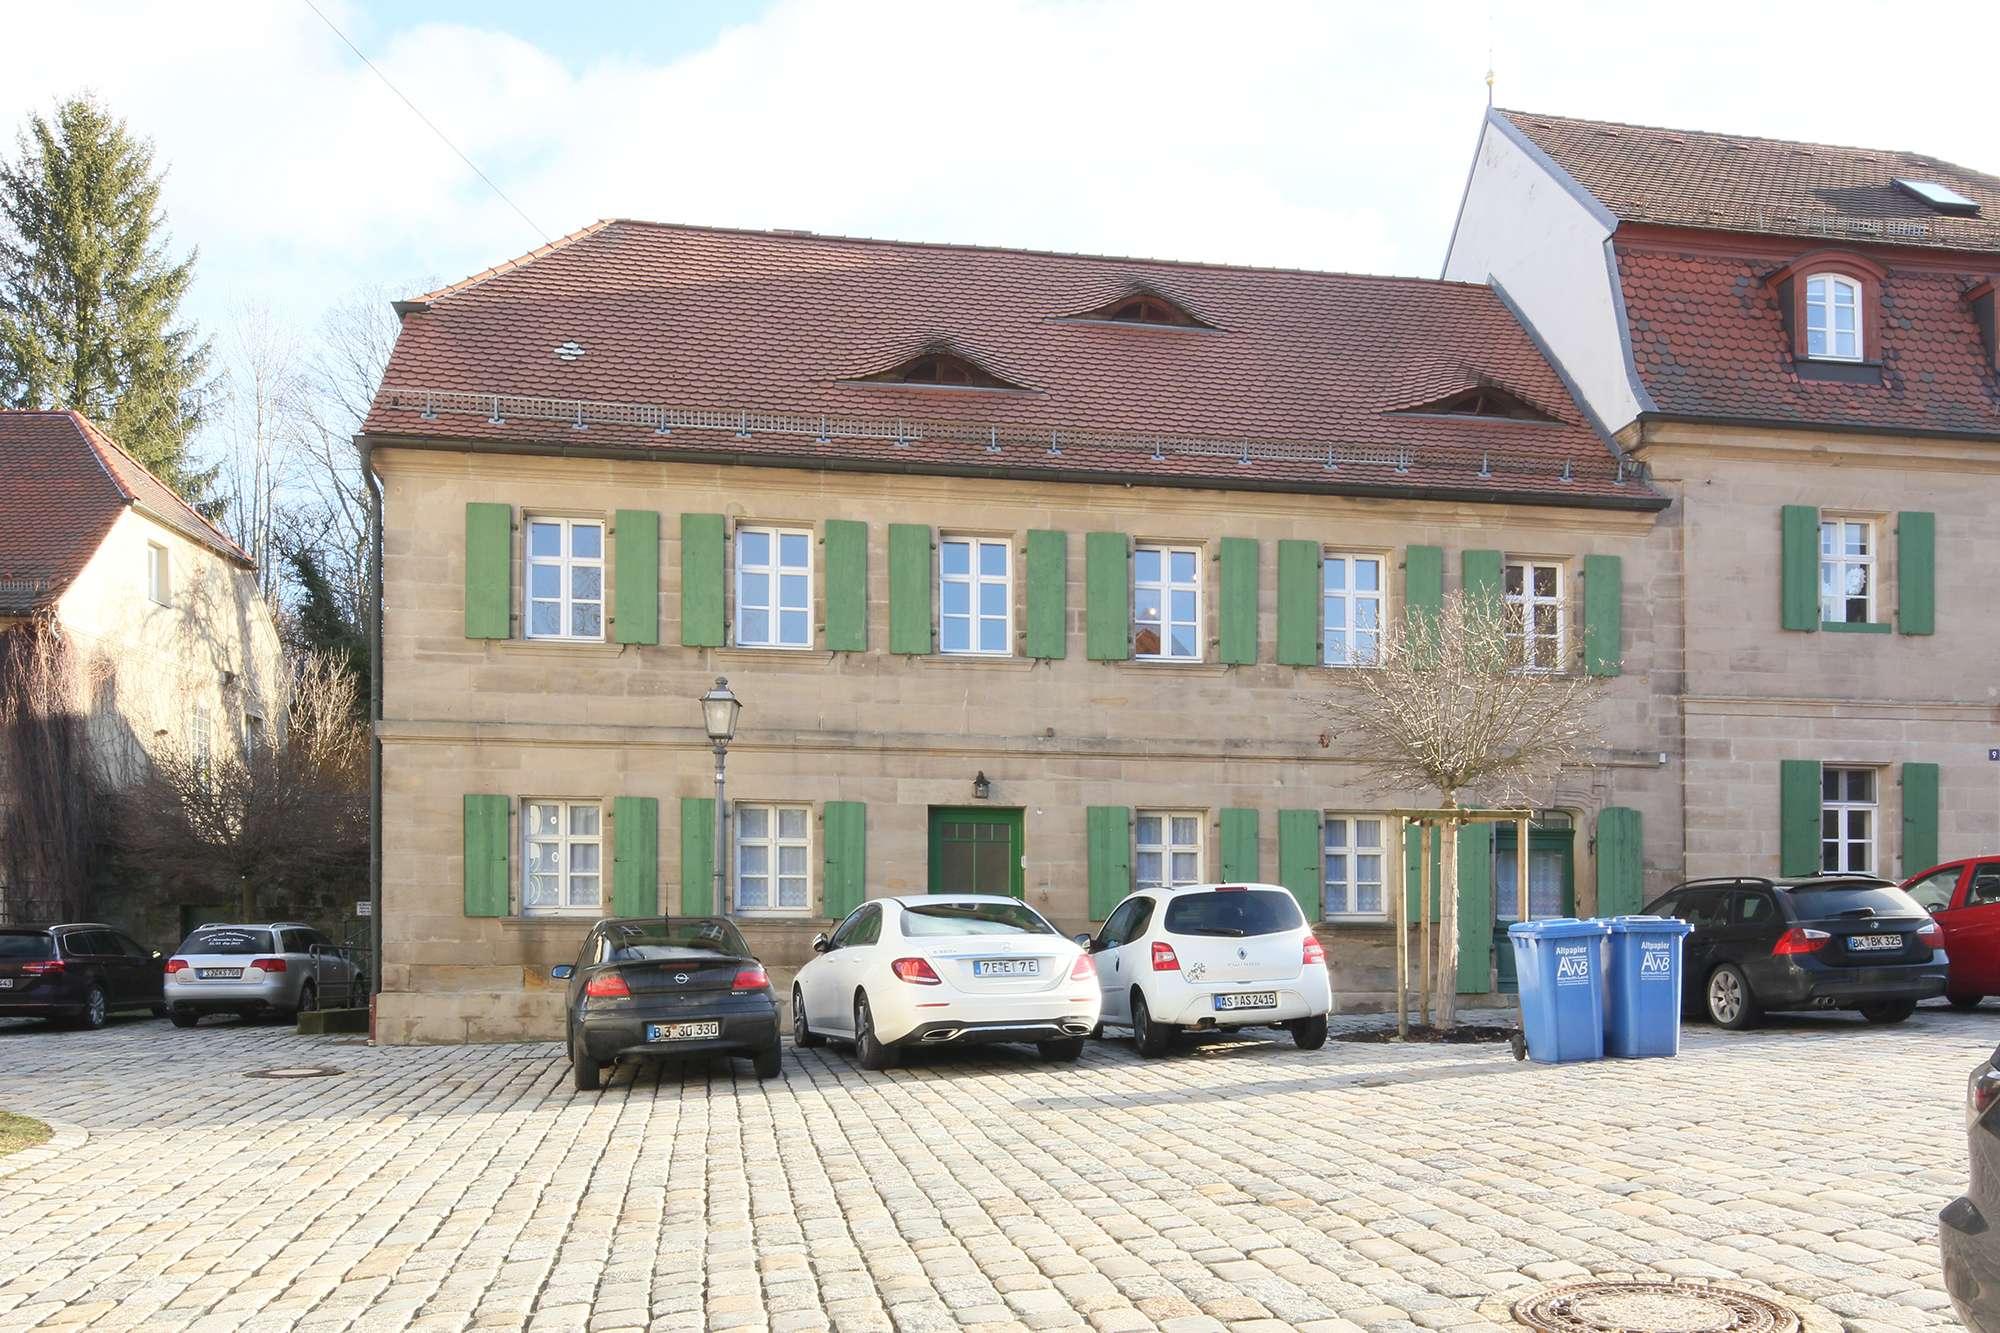 Neu aufgebaute 4-Zimmer-Architektenwohnung in historischem Anwesen in Weidenberg, Neubauflair!